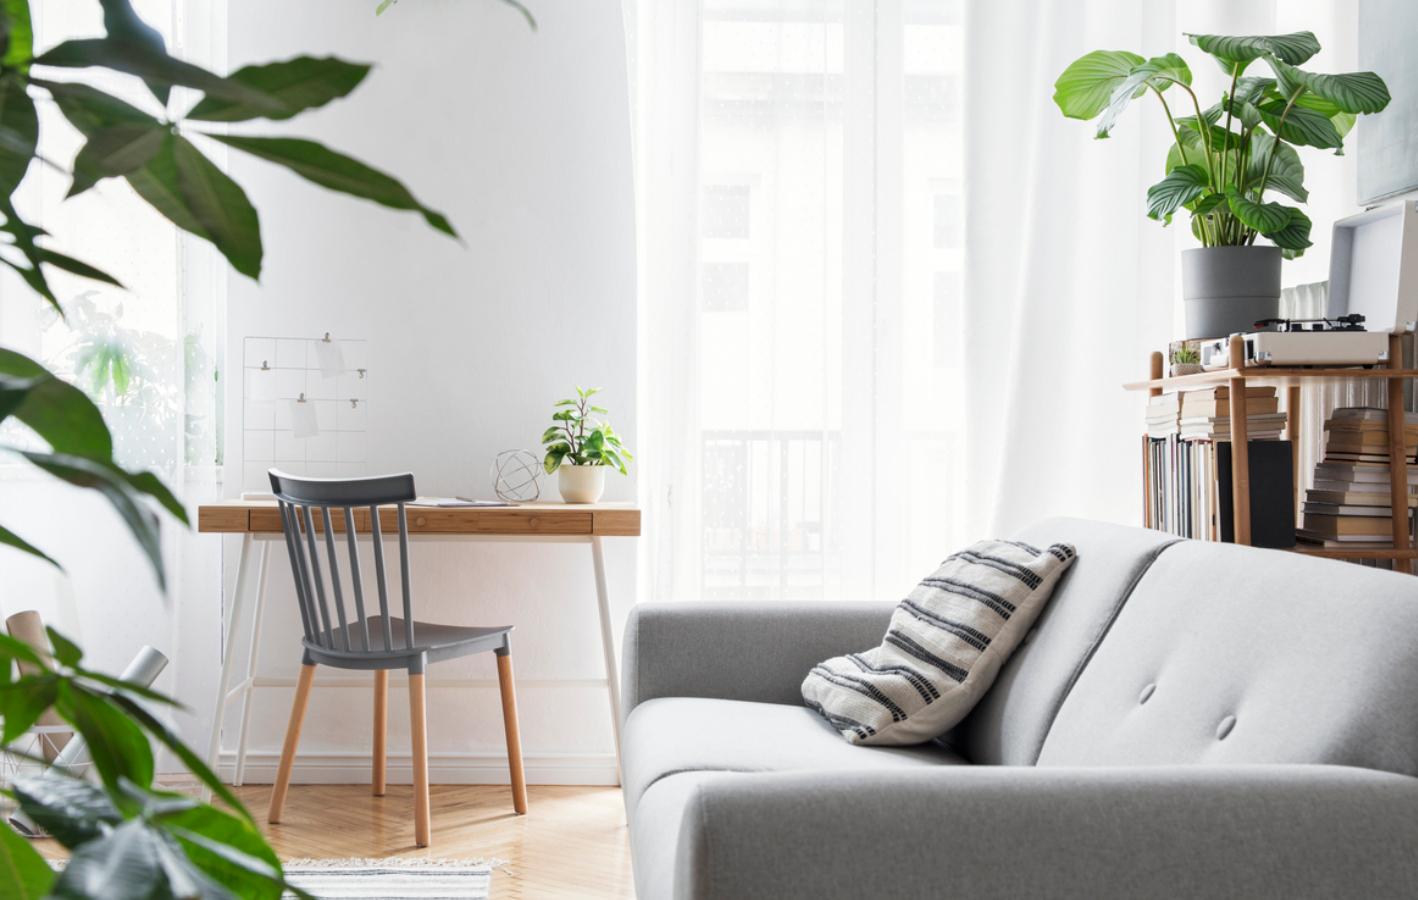 Einrichtung grau Wohnzimmer